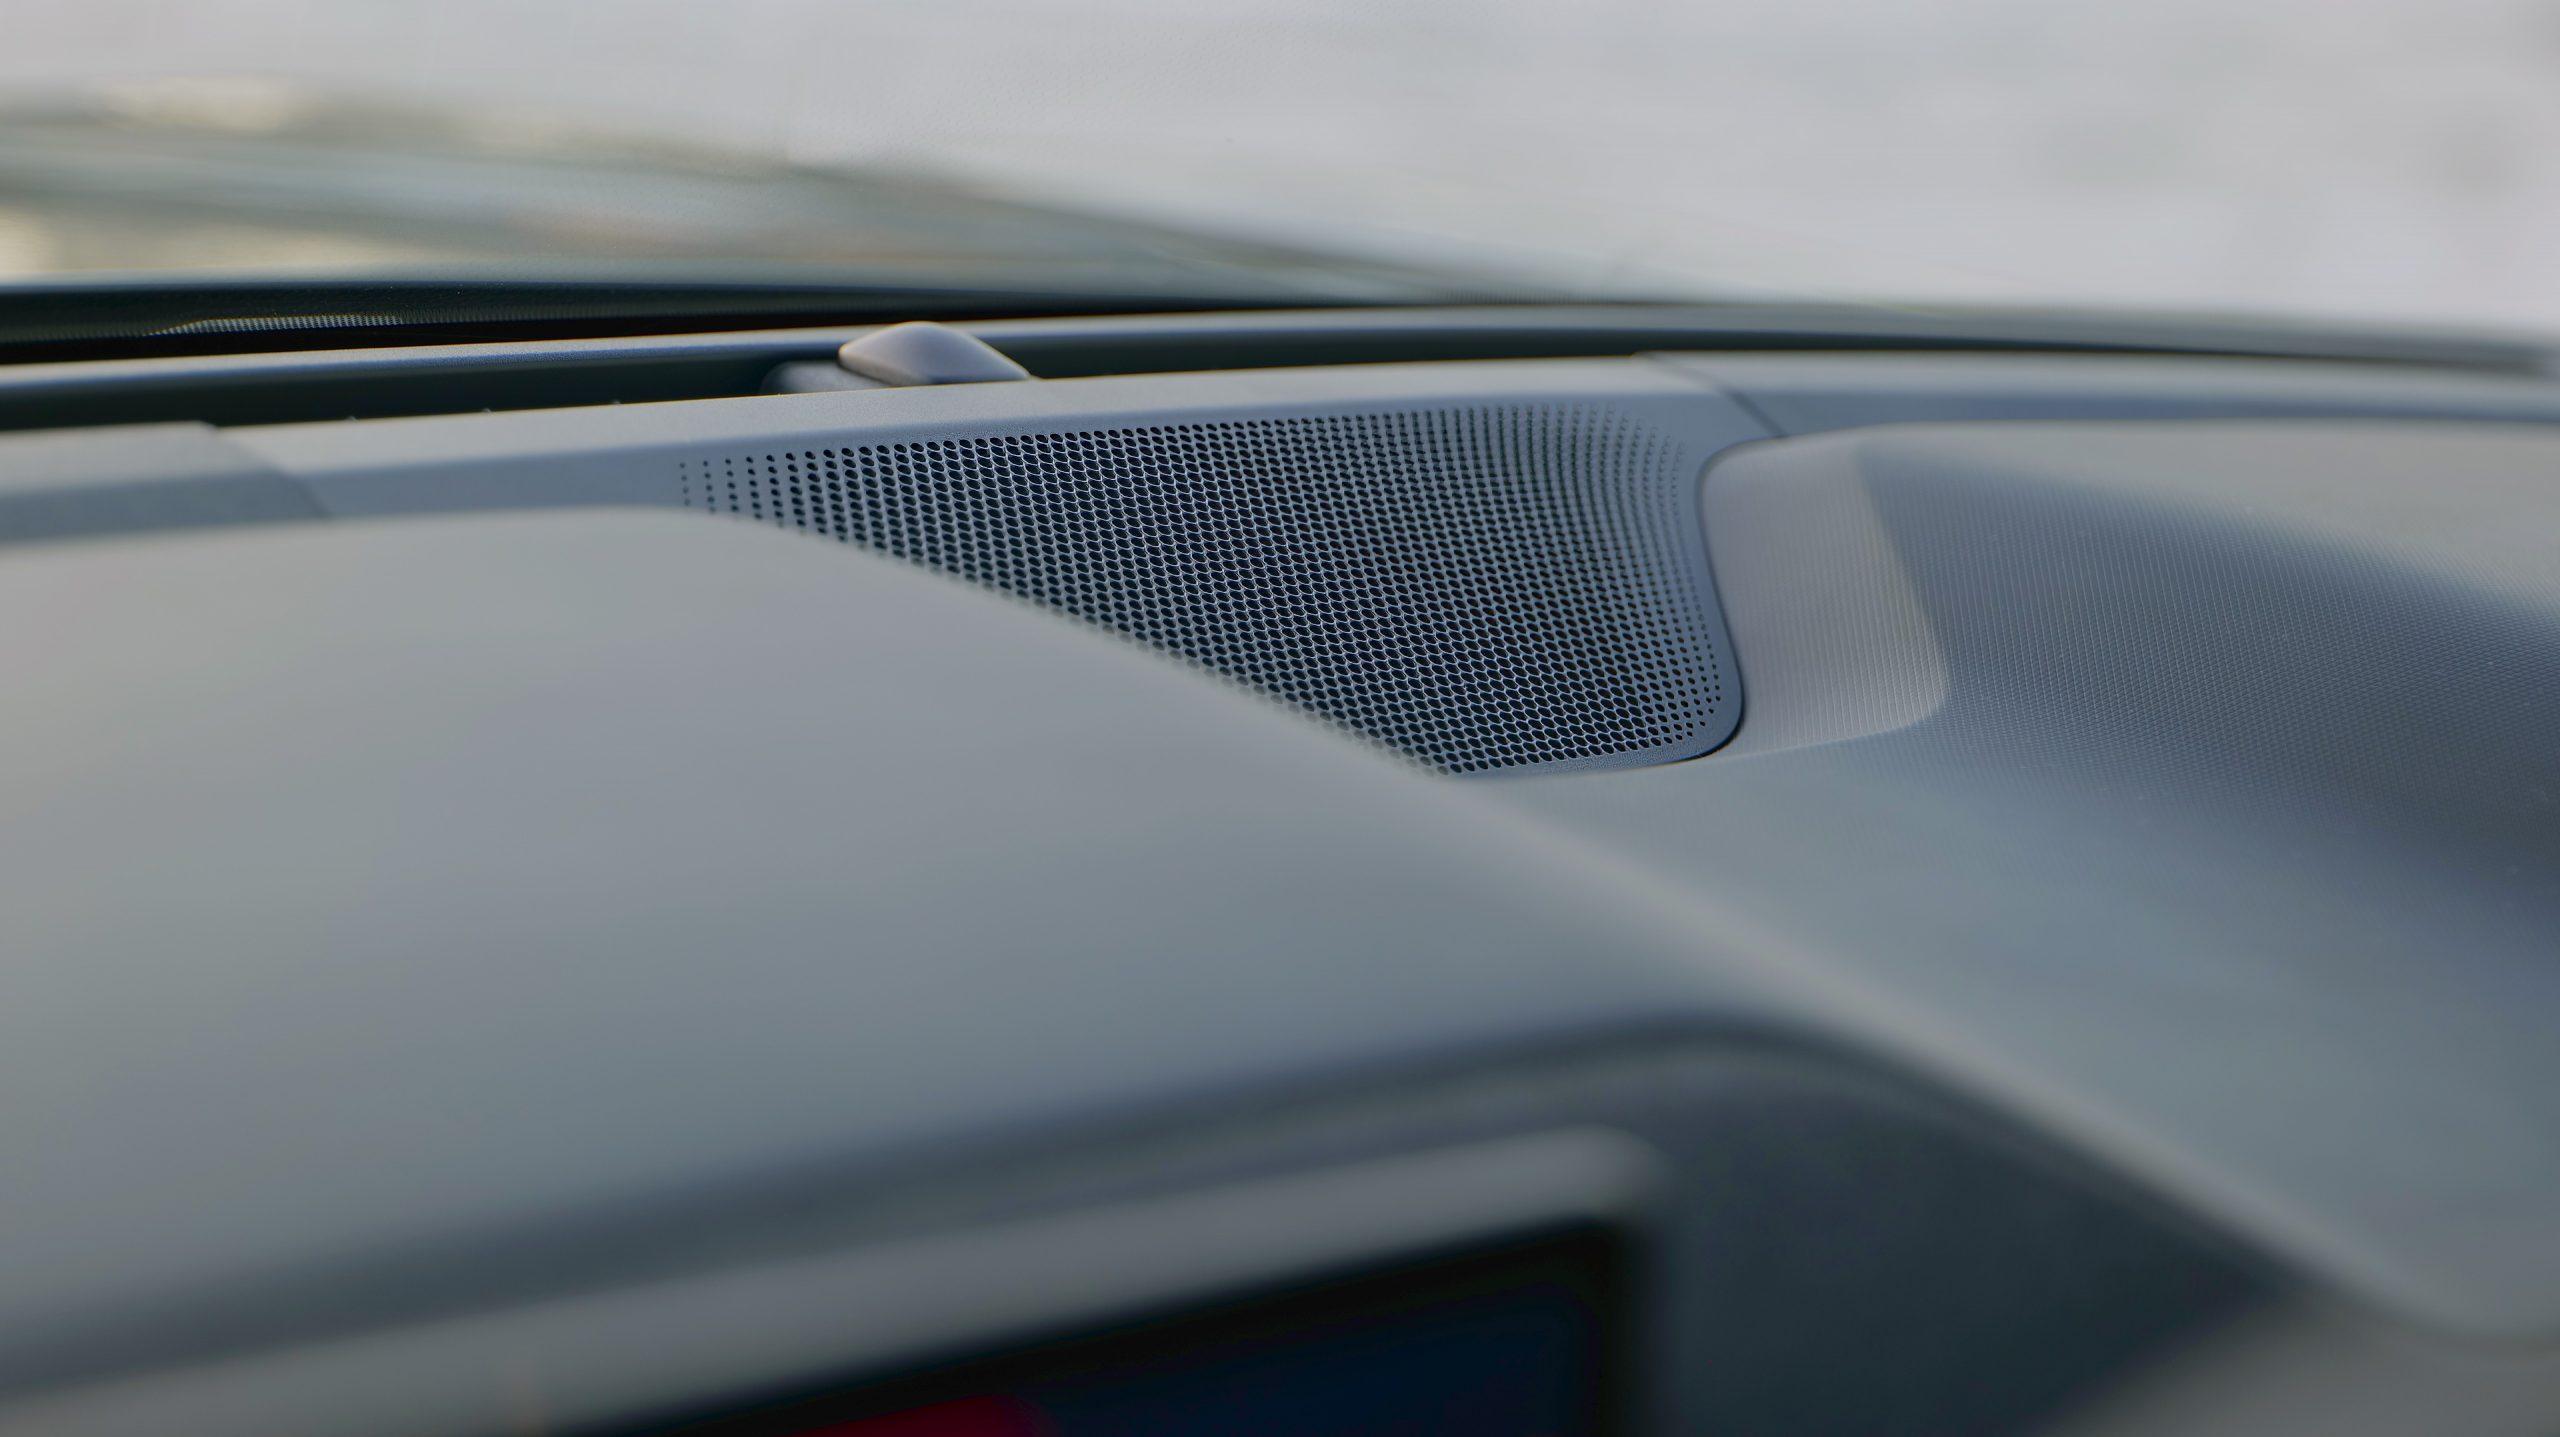 Ford Mustang Mach-E center speaker